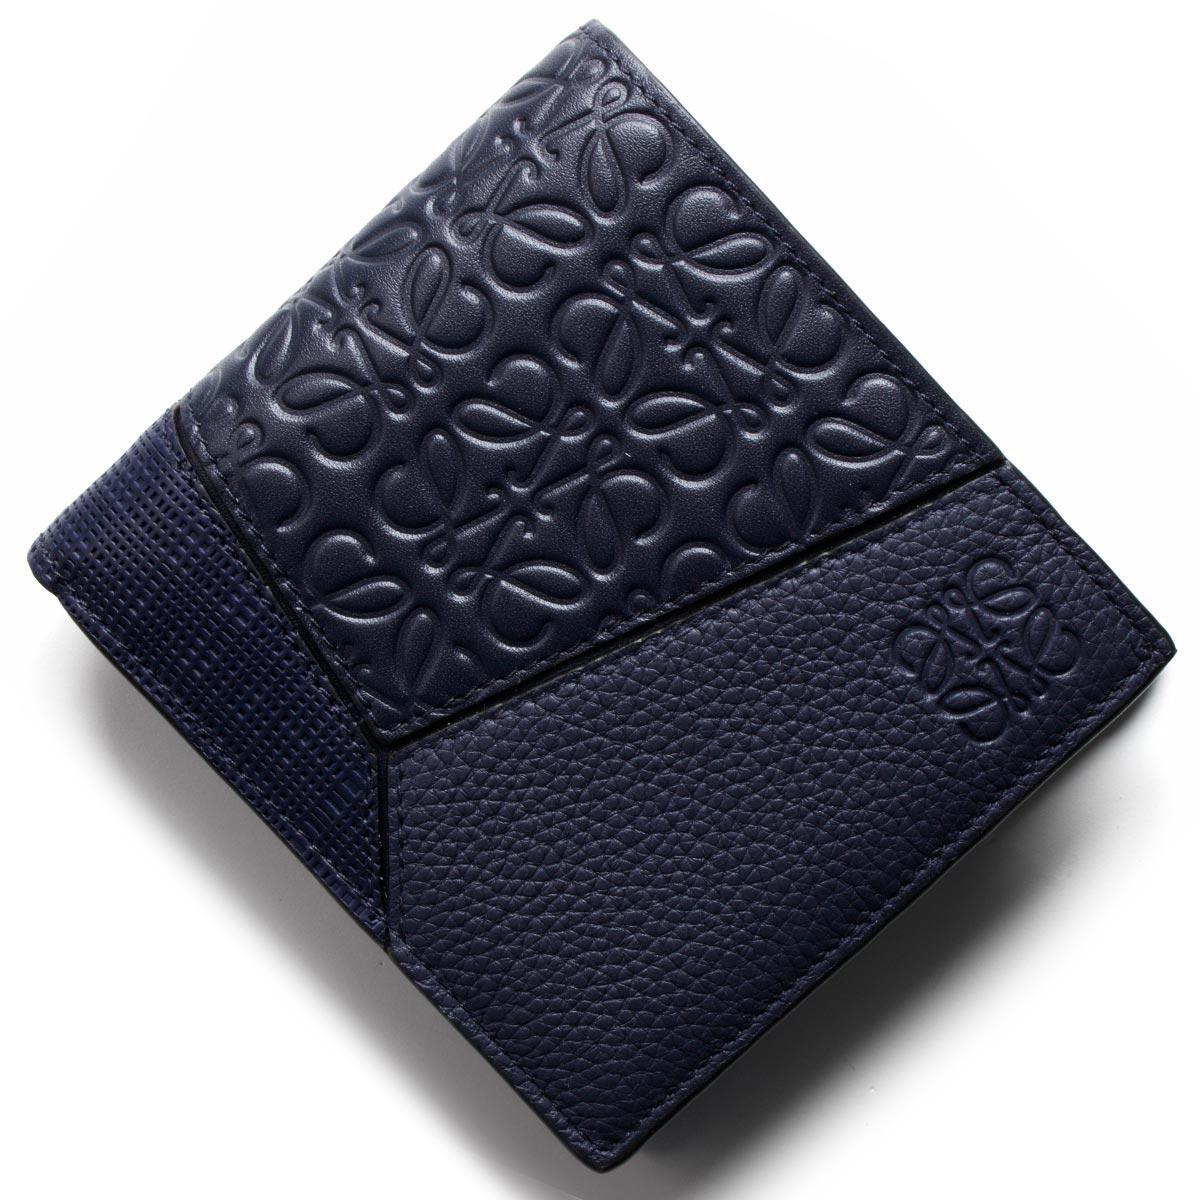 d8a6a6aac5b3 124 ネイビーブルー パズル レディース メンズ 財布 二つ折り財布 11/01 ...